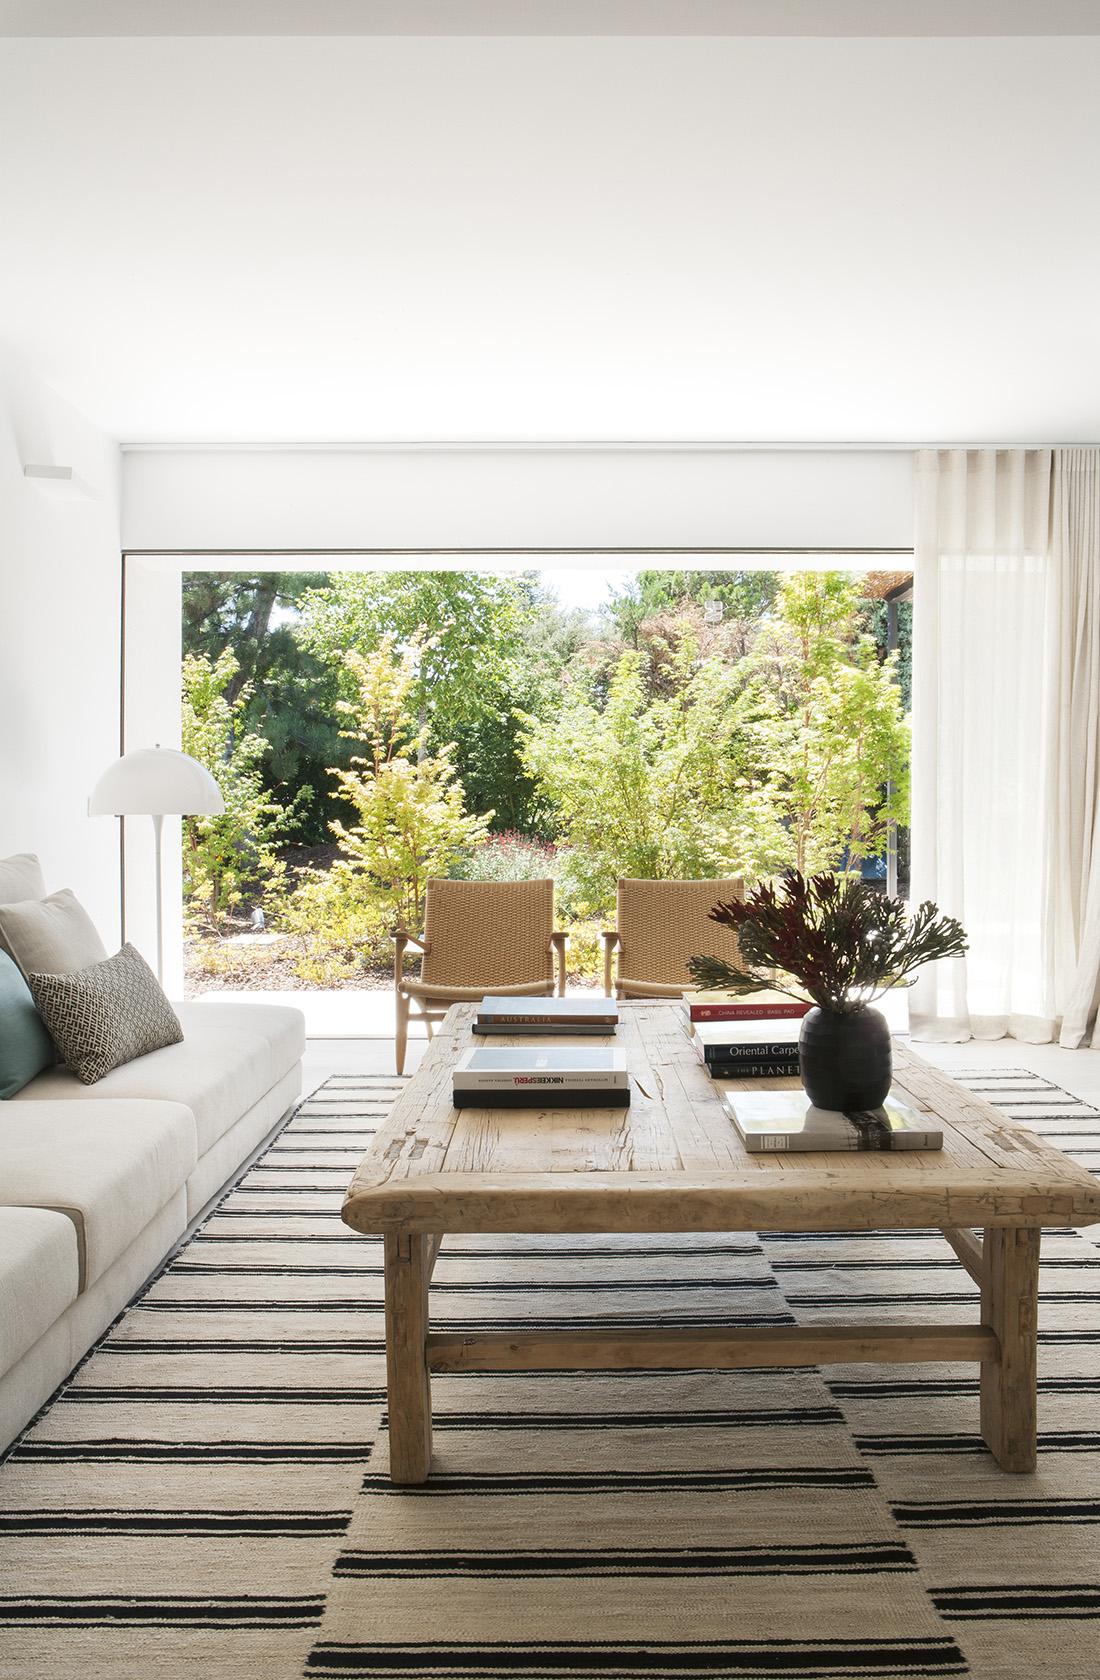 Vista del salón y jardín de la reforma integral en una vivienda en La Moraleja